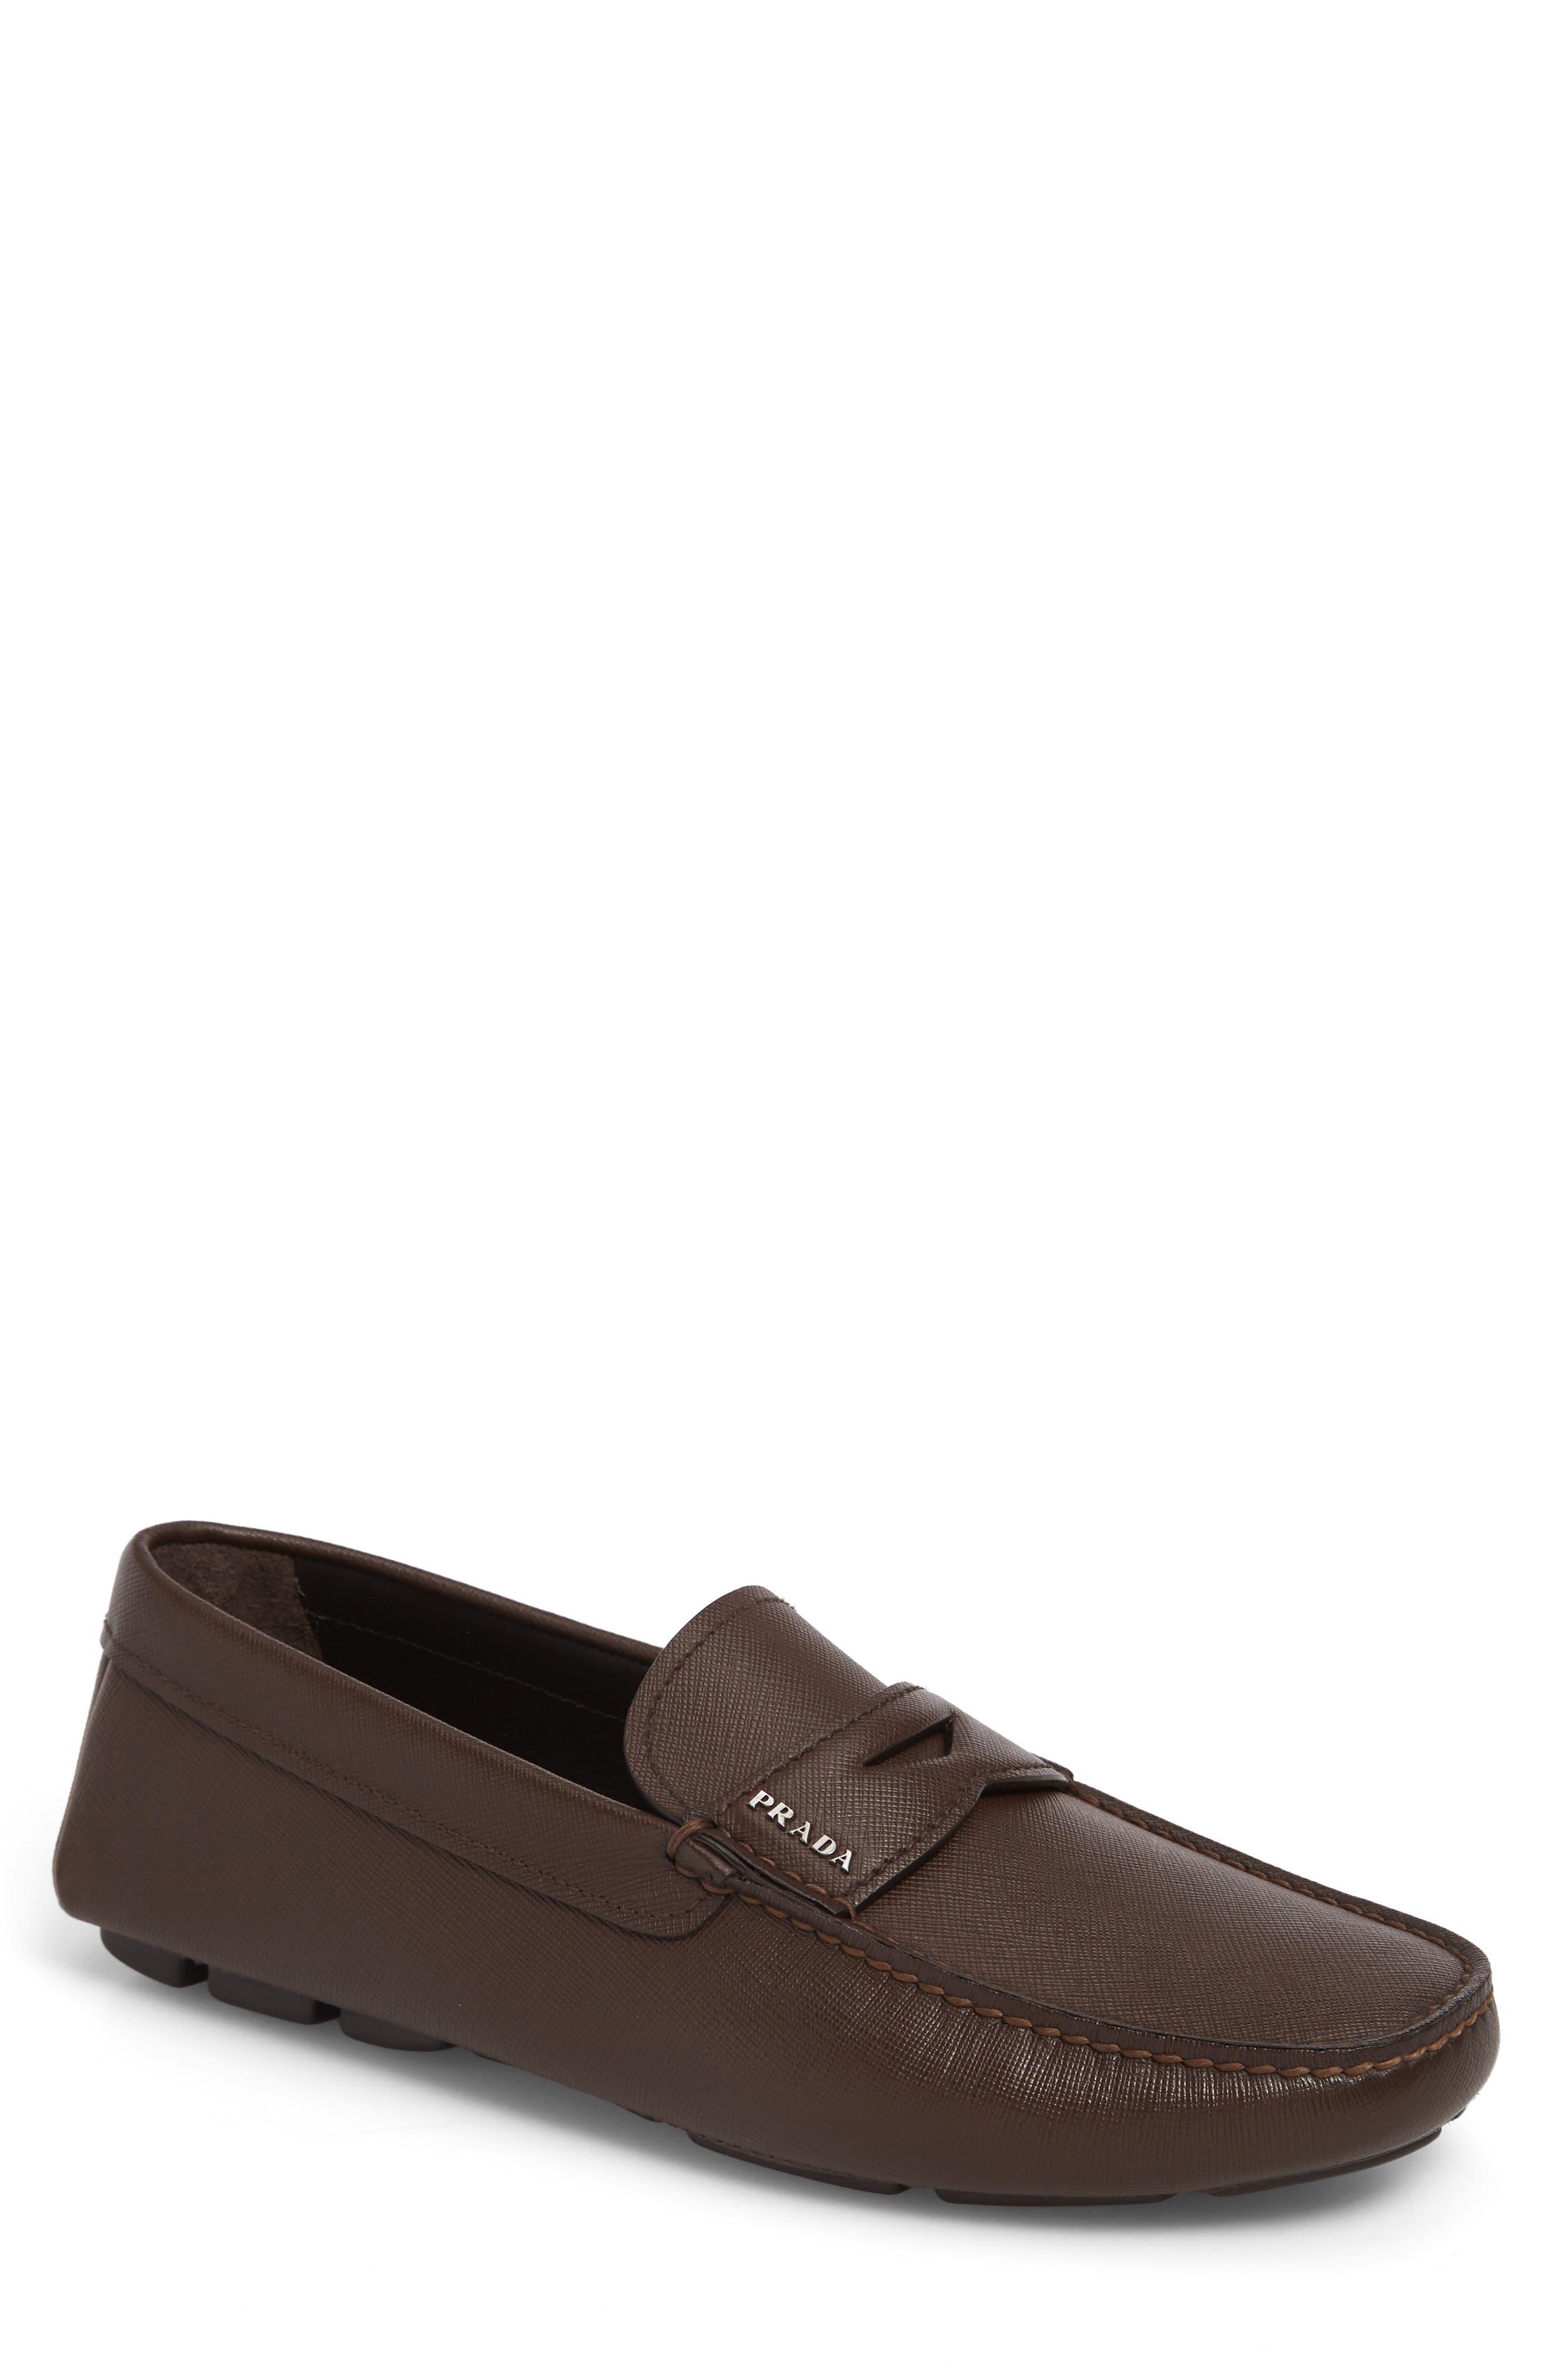 977d0eef20689 Men s Prada Shoes